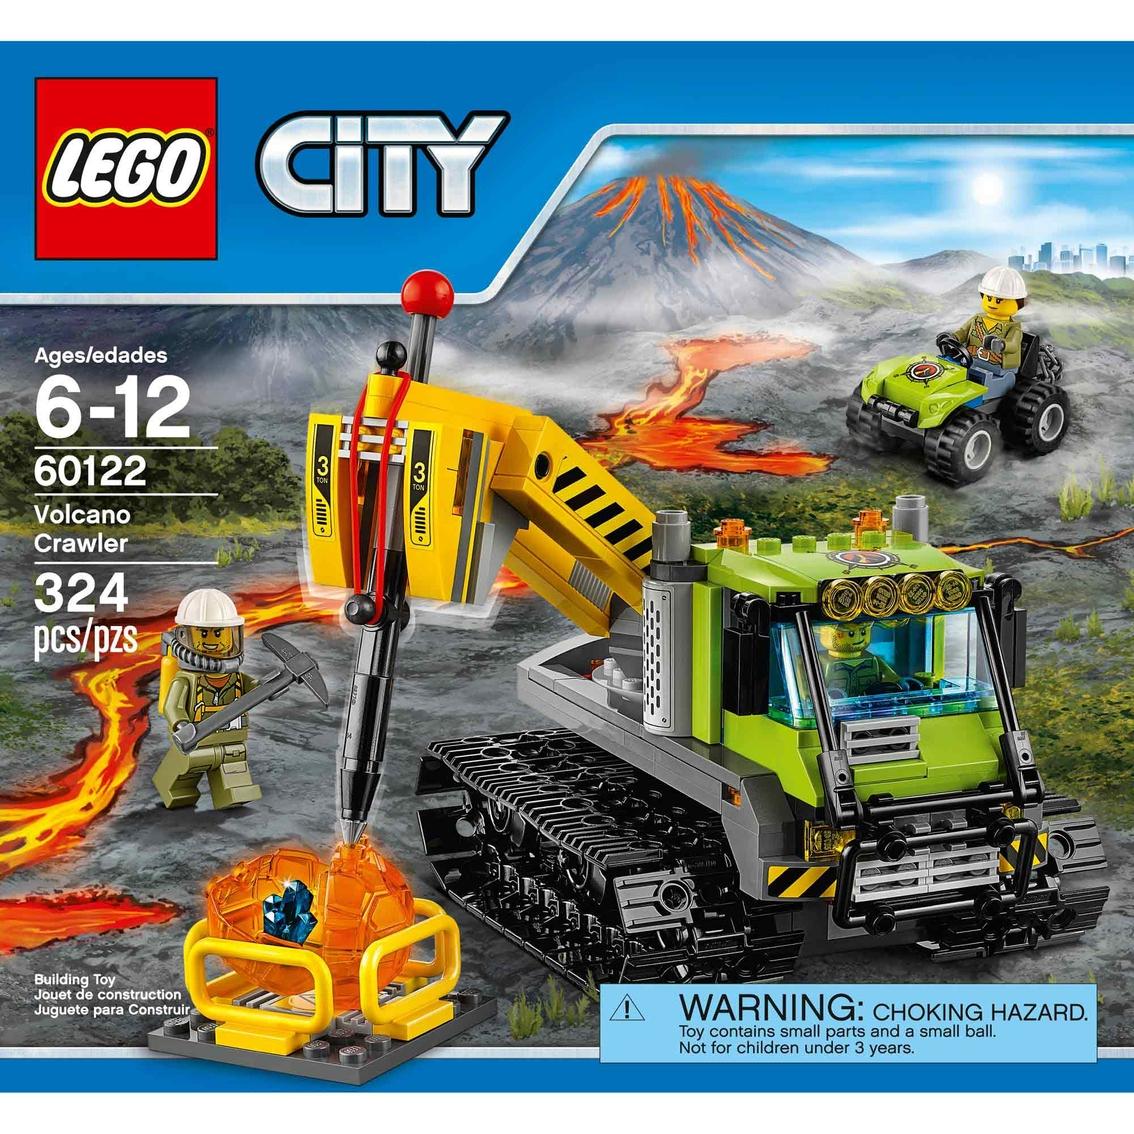 Lego City-recreational athletes//athletes to choose